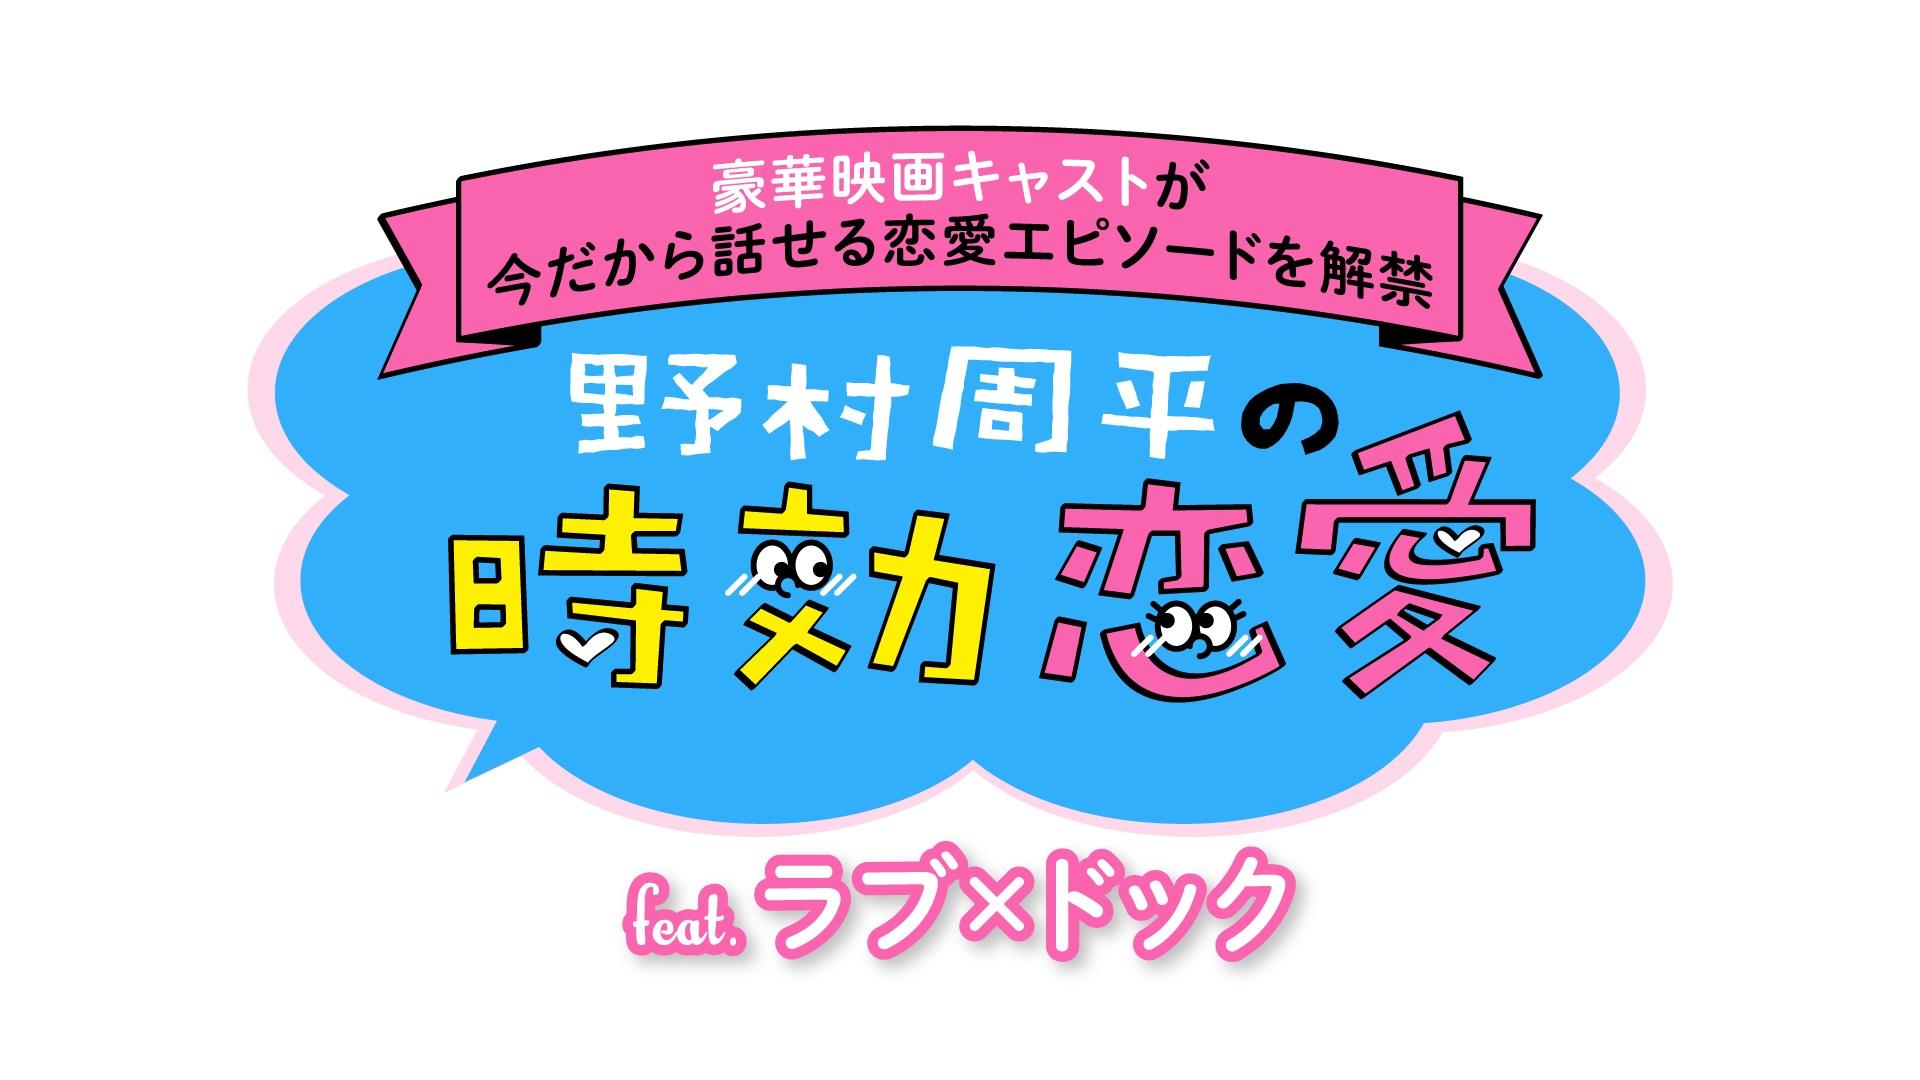 <4夜連続>5月3日(金)~6日(日)23:00 O.A. AbemaTV<br>「野村周平の時効恋愛 feat.ラブ×ドック」